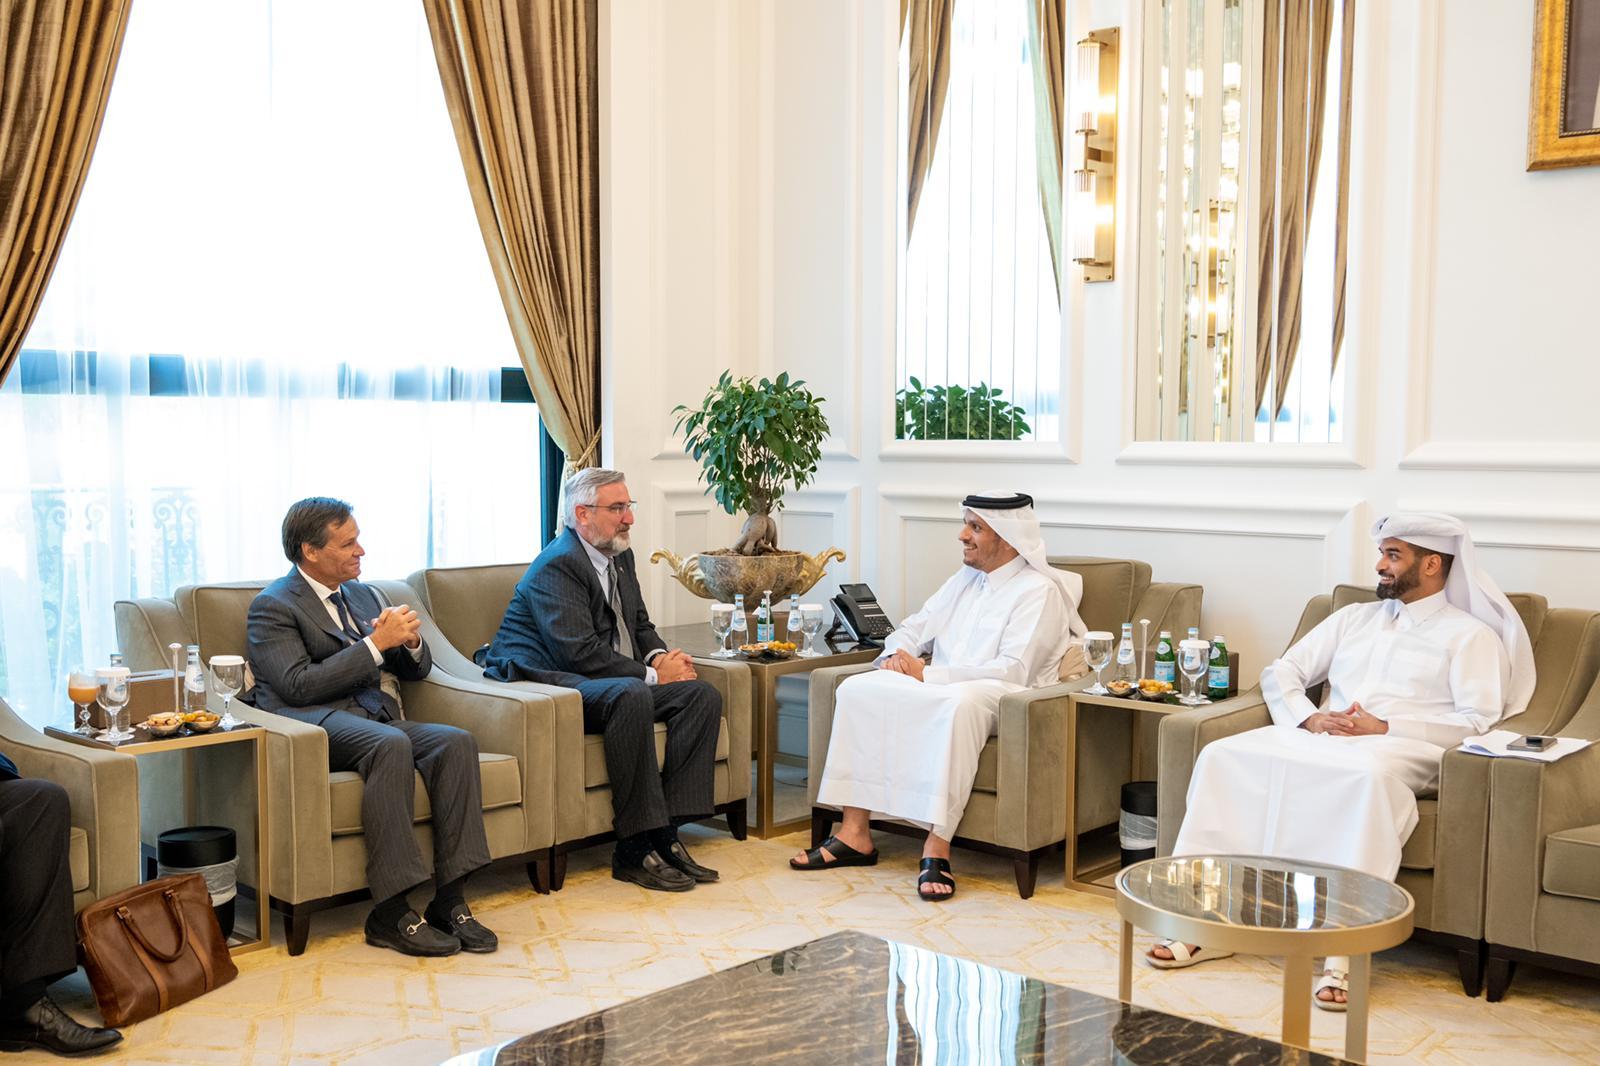 نائب رئيس مجلس الوزراء وزير الخارجية يجتمع مع حاكم ولاية إنديانا الأمريكية